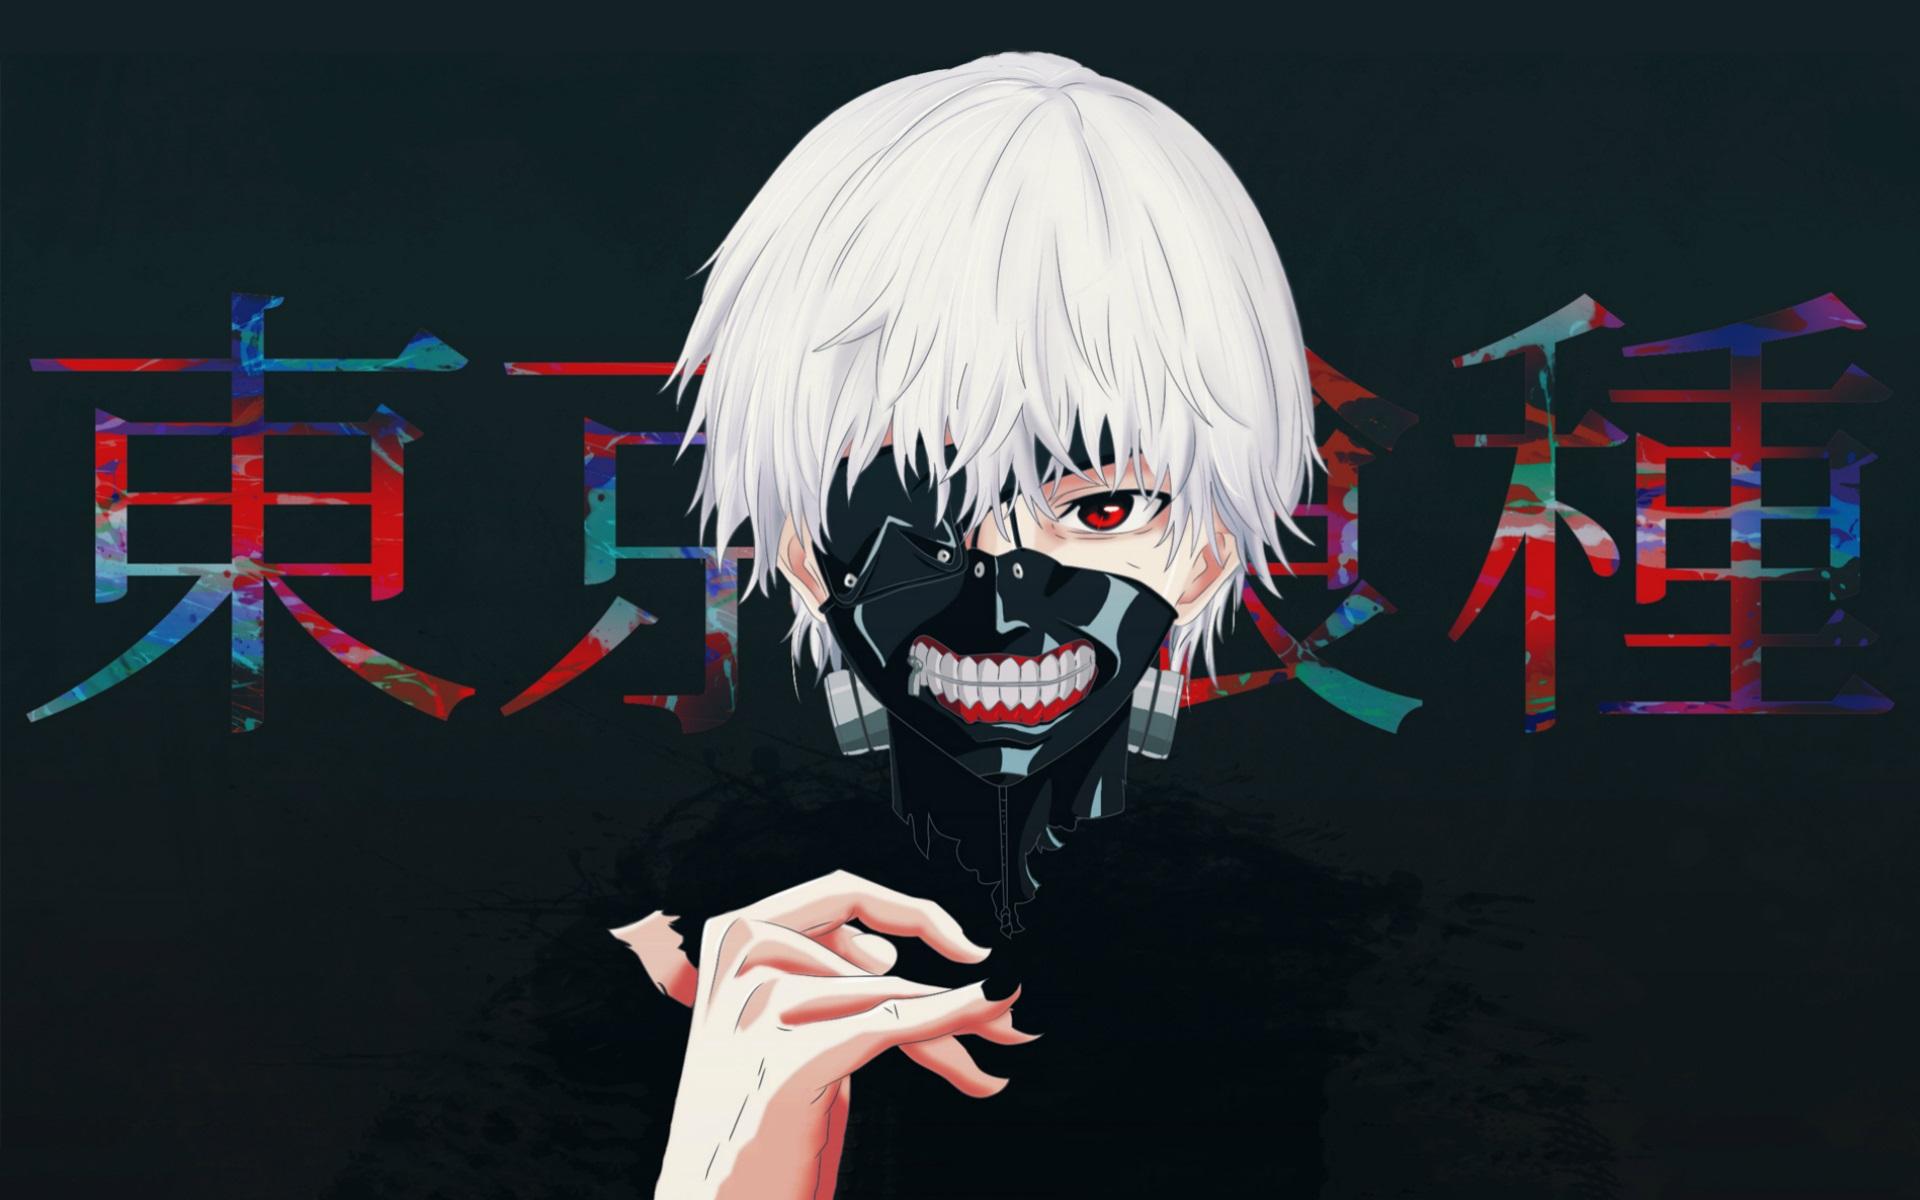 壁紙 東京グール 白髪少年 アニメ 1920x1200 Hd 無料のデスクトップ